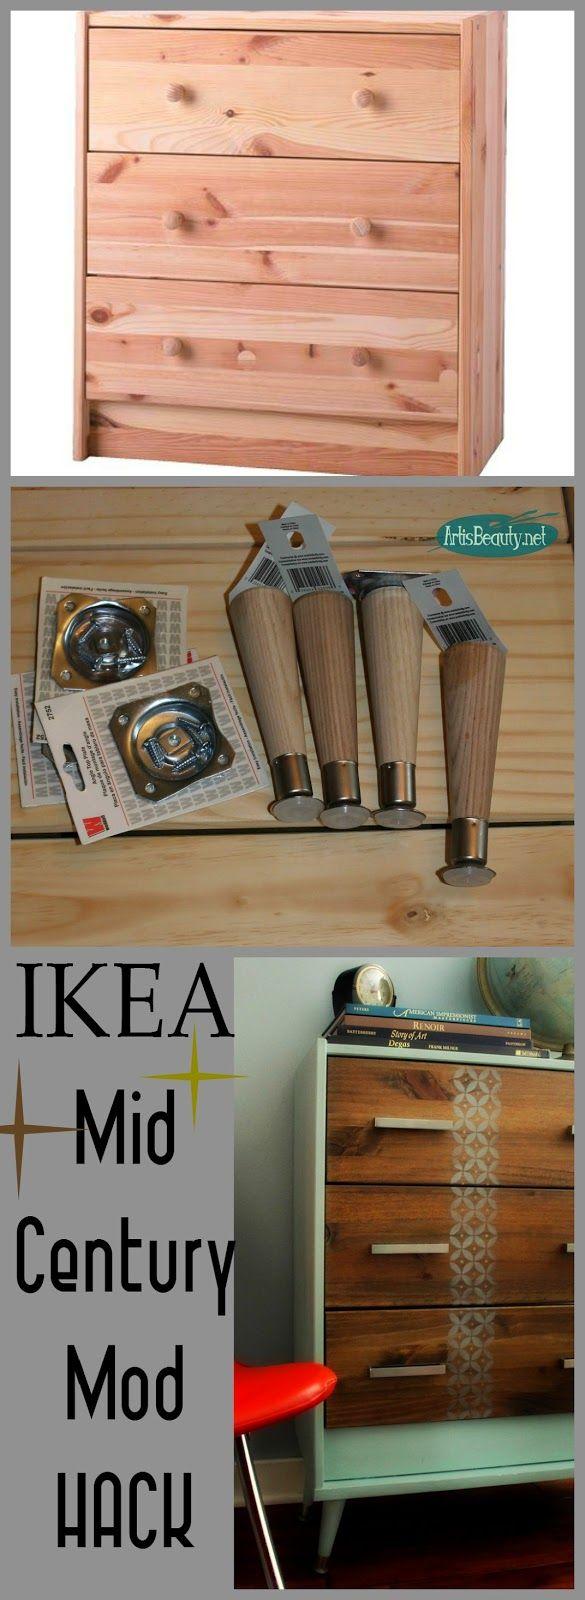 ART IS BEAUTY: Mid Century MOD IKEA Rast HACK dresser #artisbeauty.net